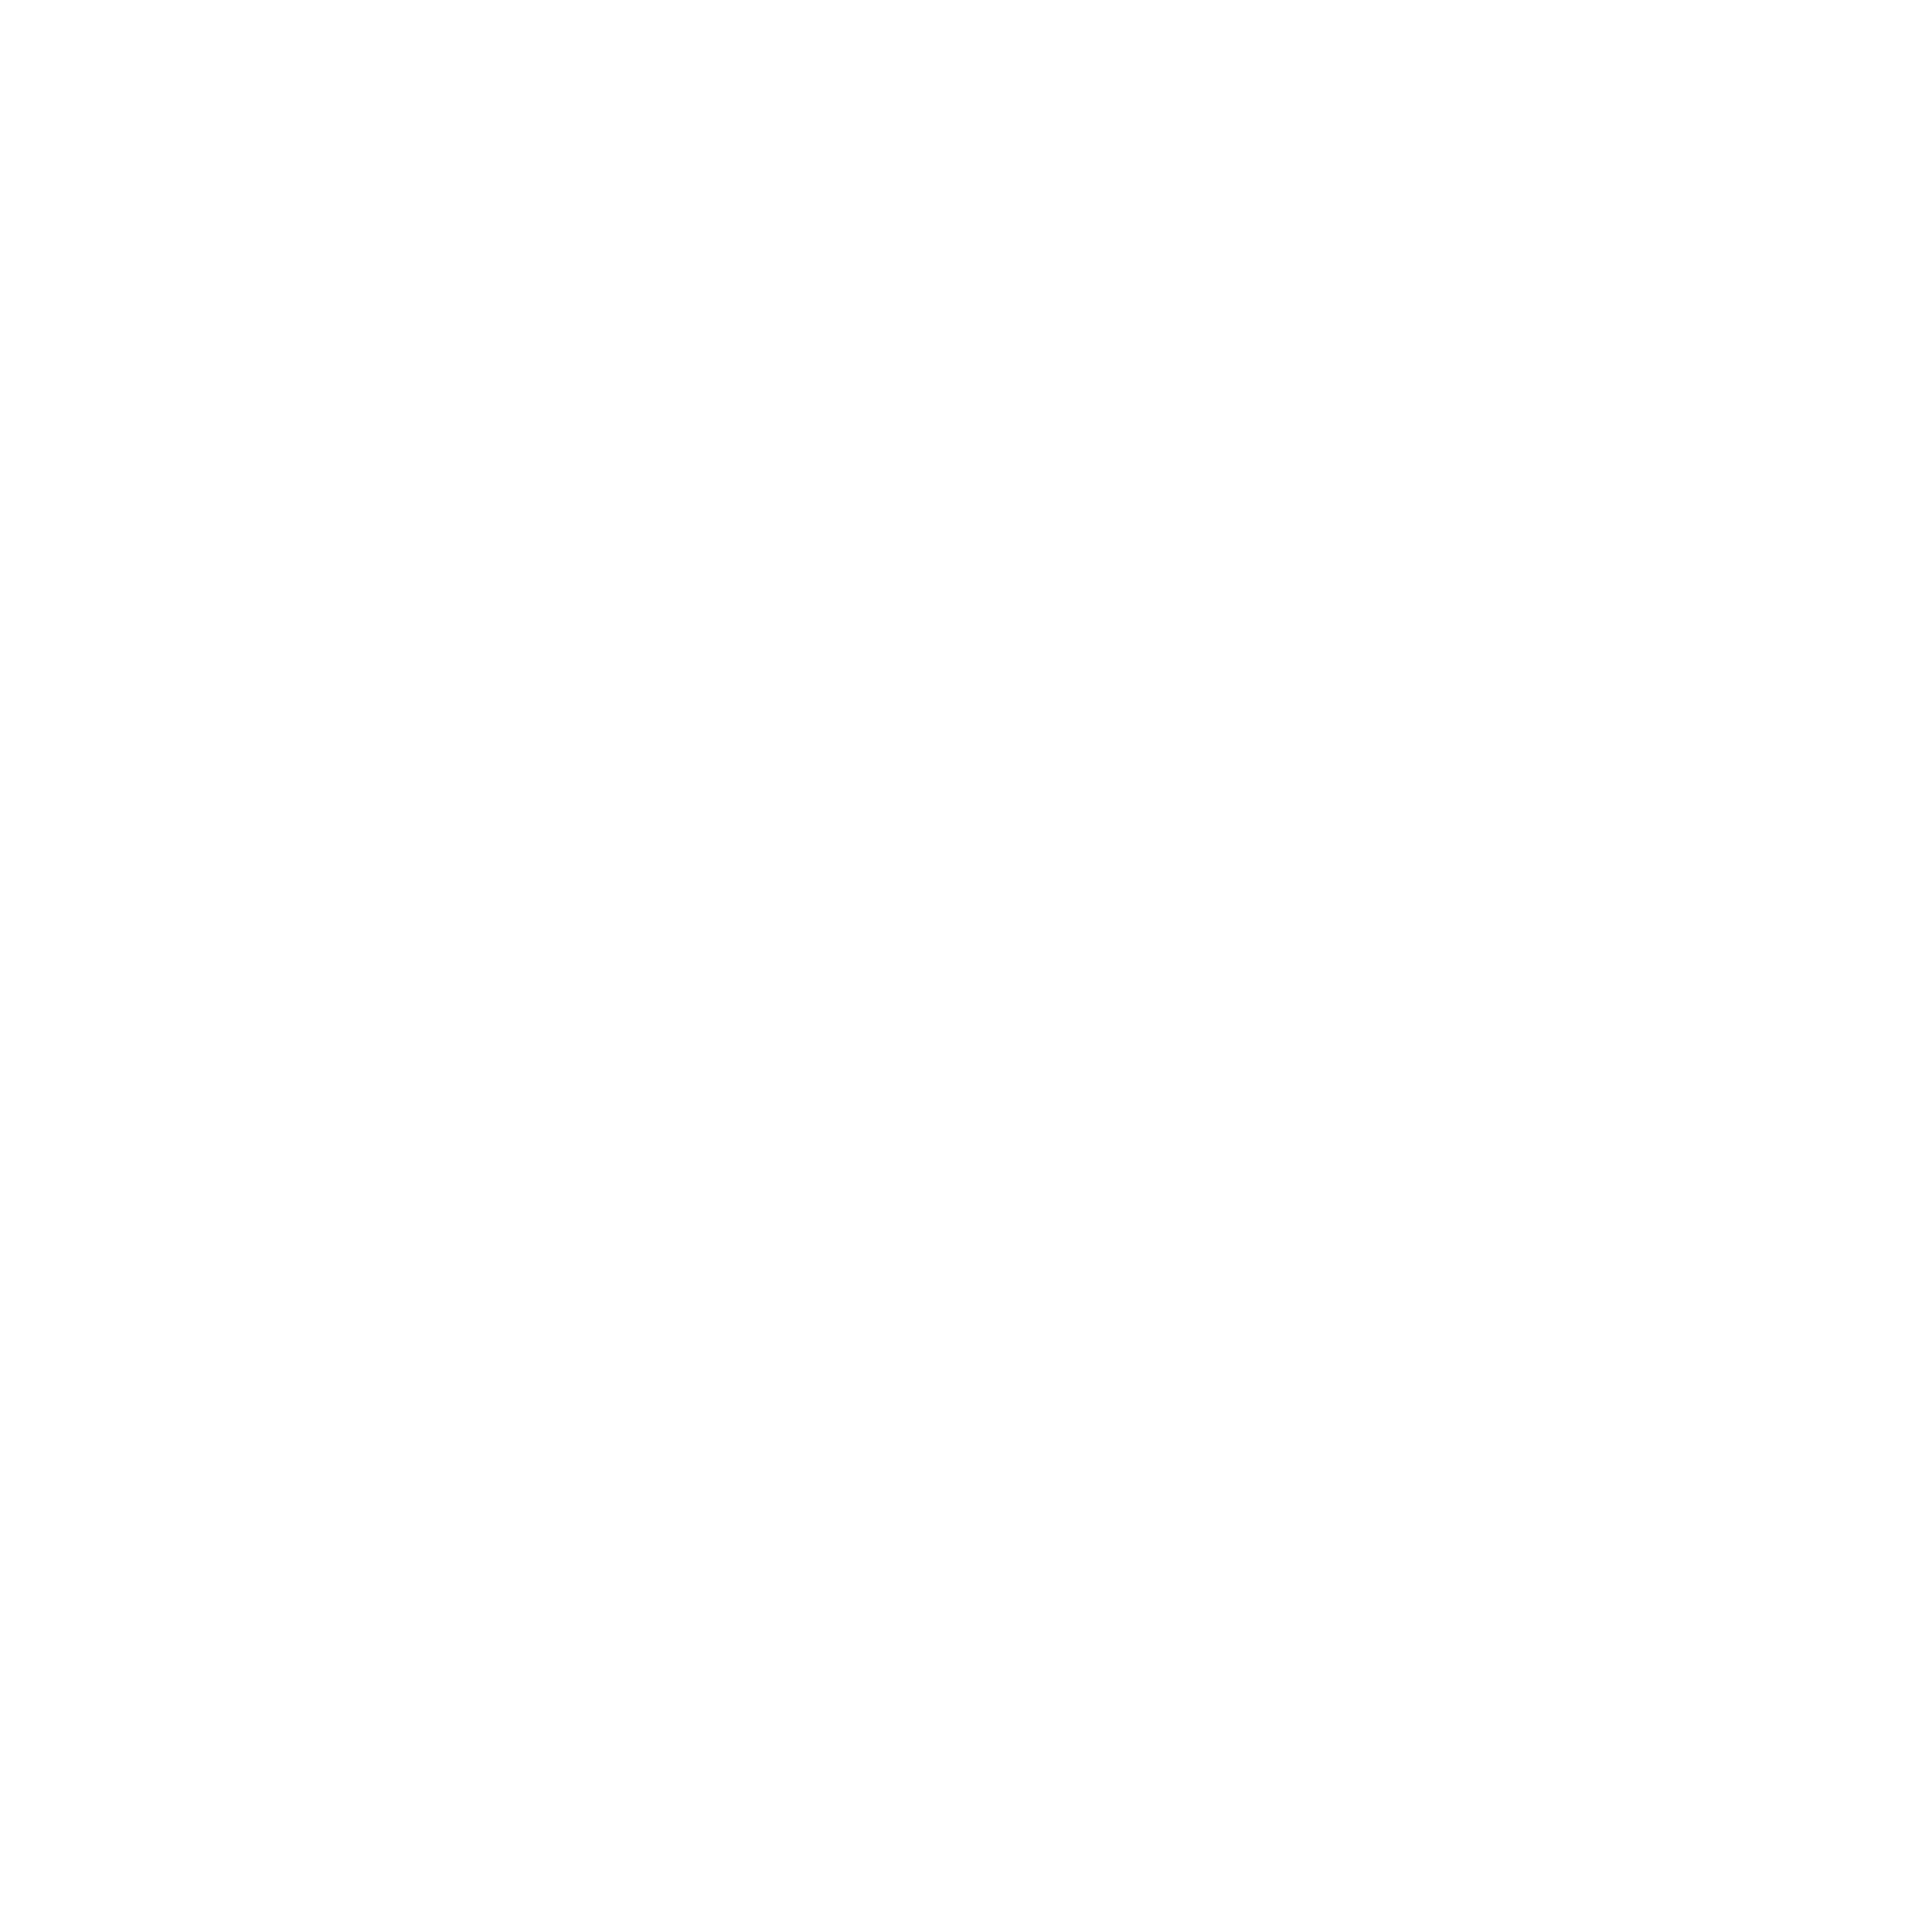 Choquer Creative logo in white box